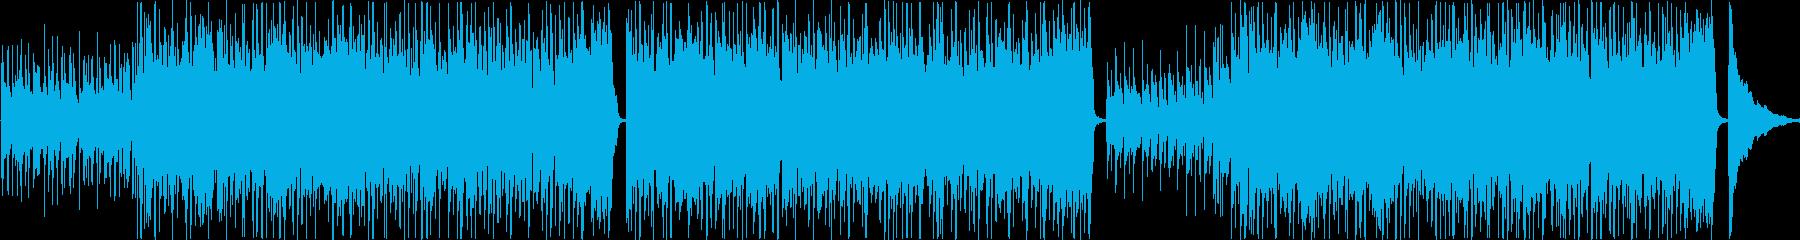 軽やかなアコースティック音色のトラックの再生済みの波形